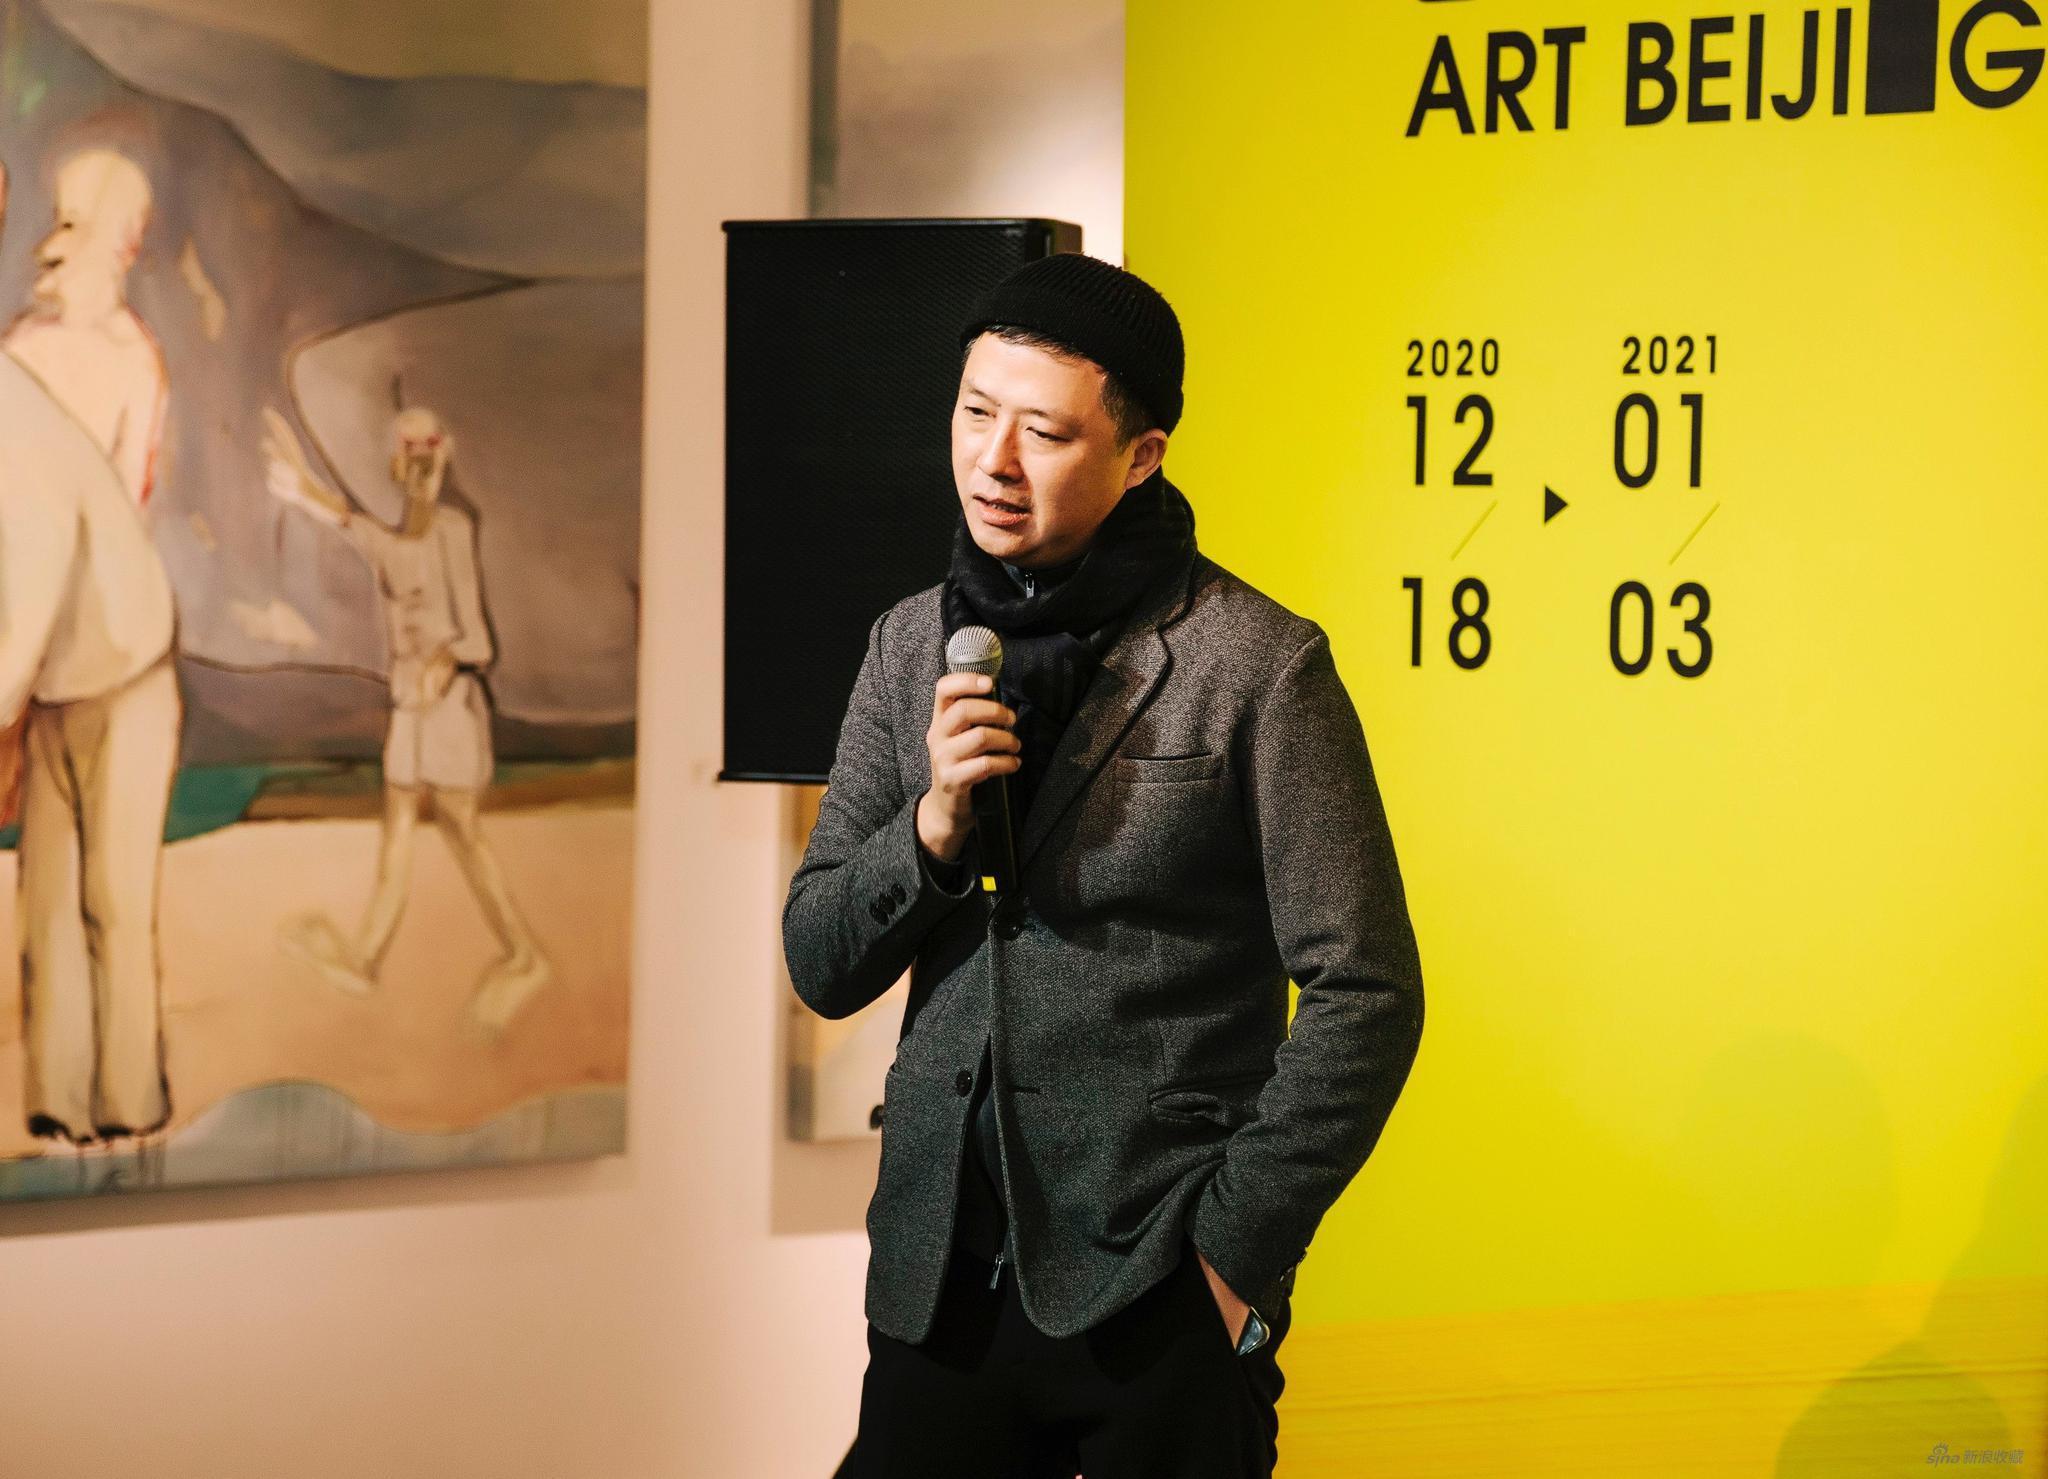 艺术北京创始人董梦阳